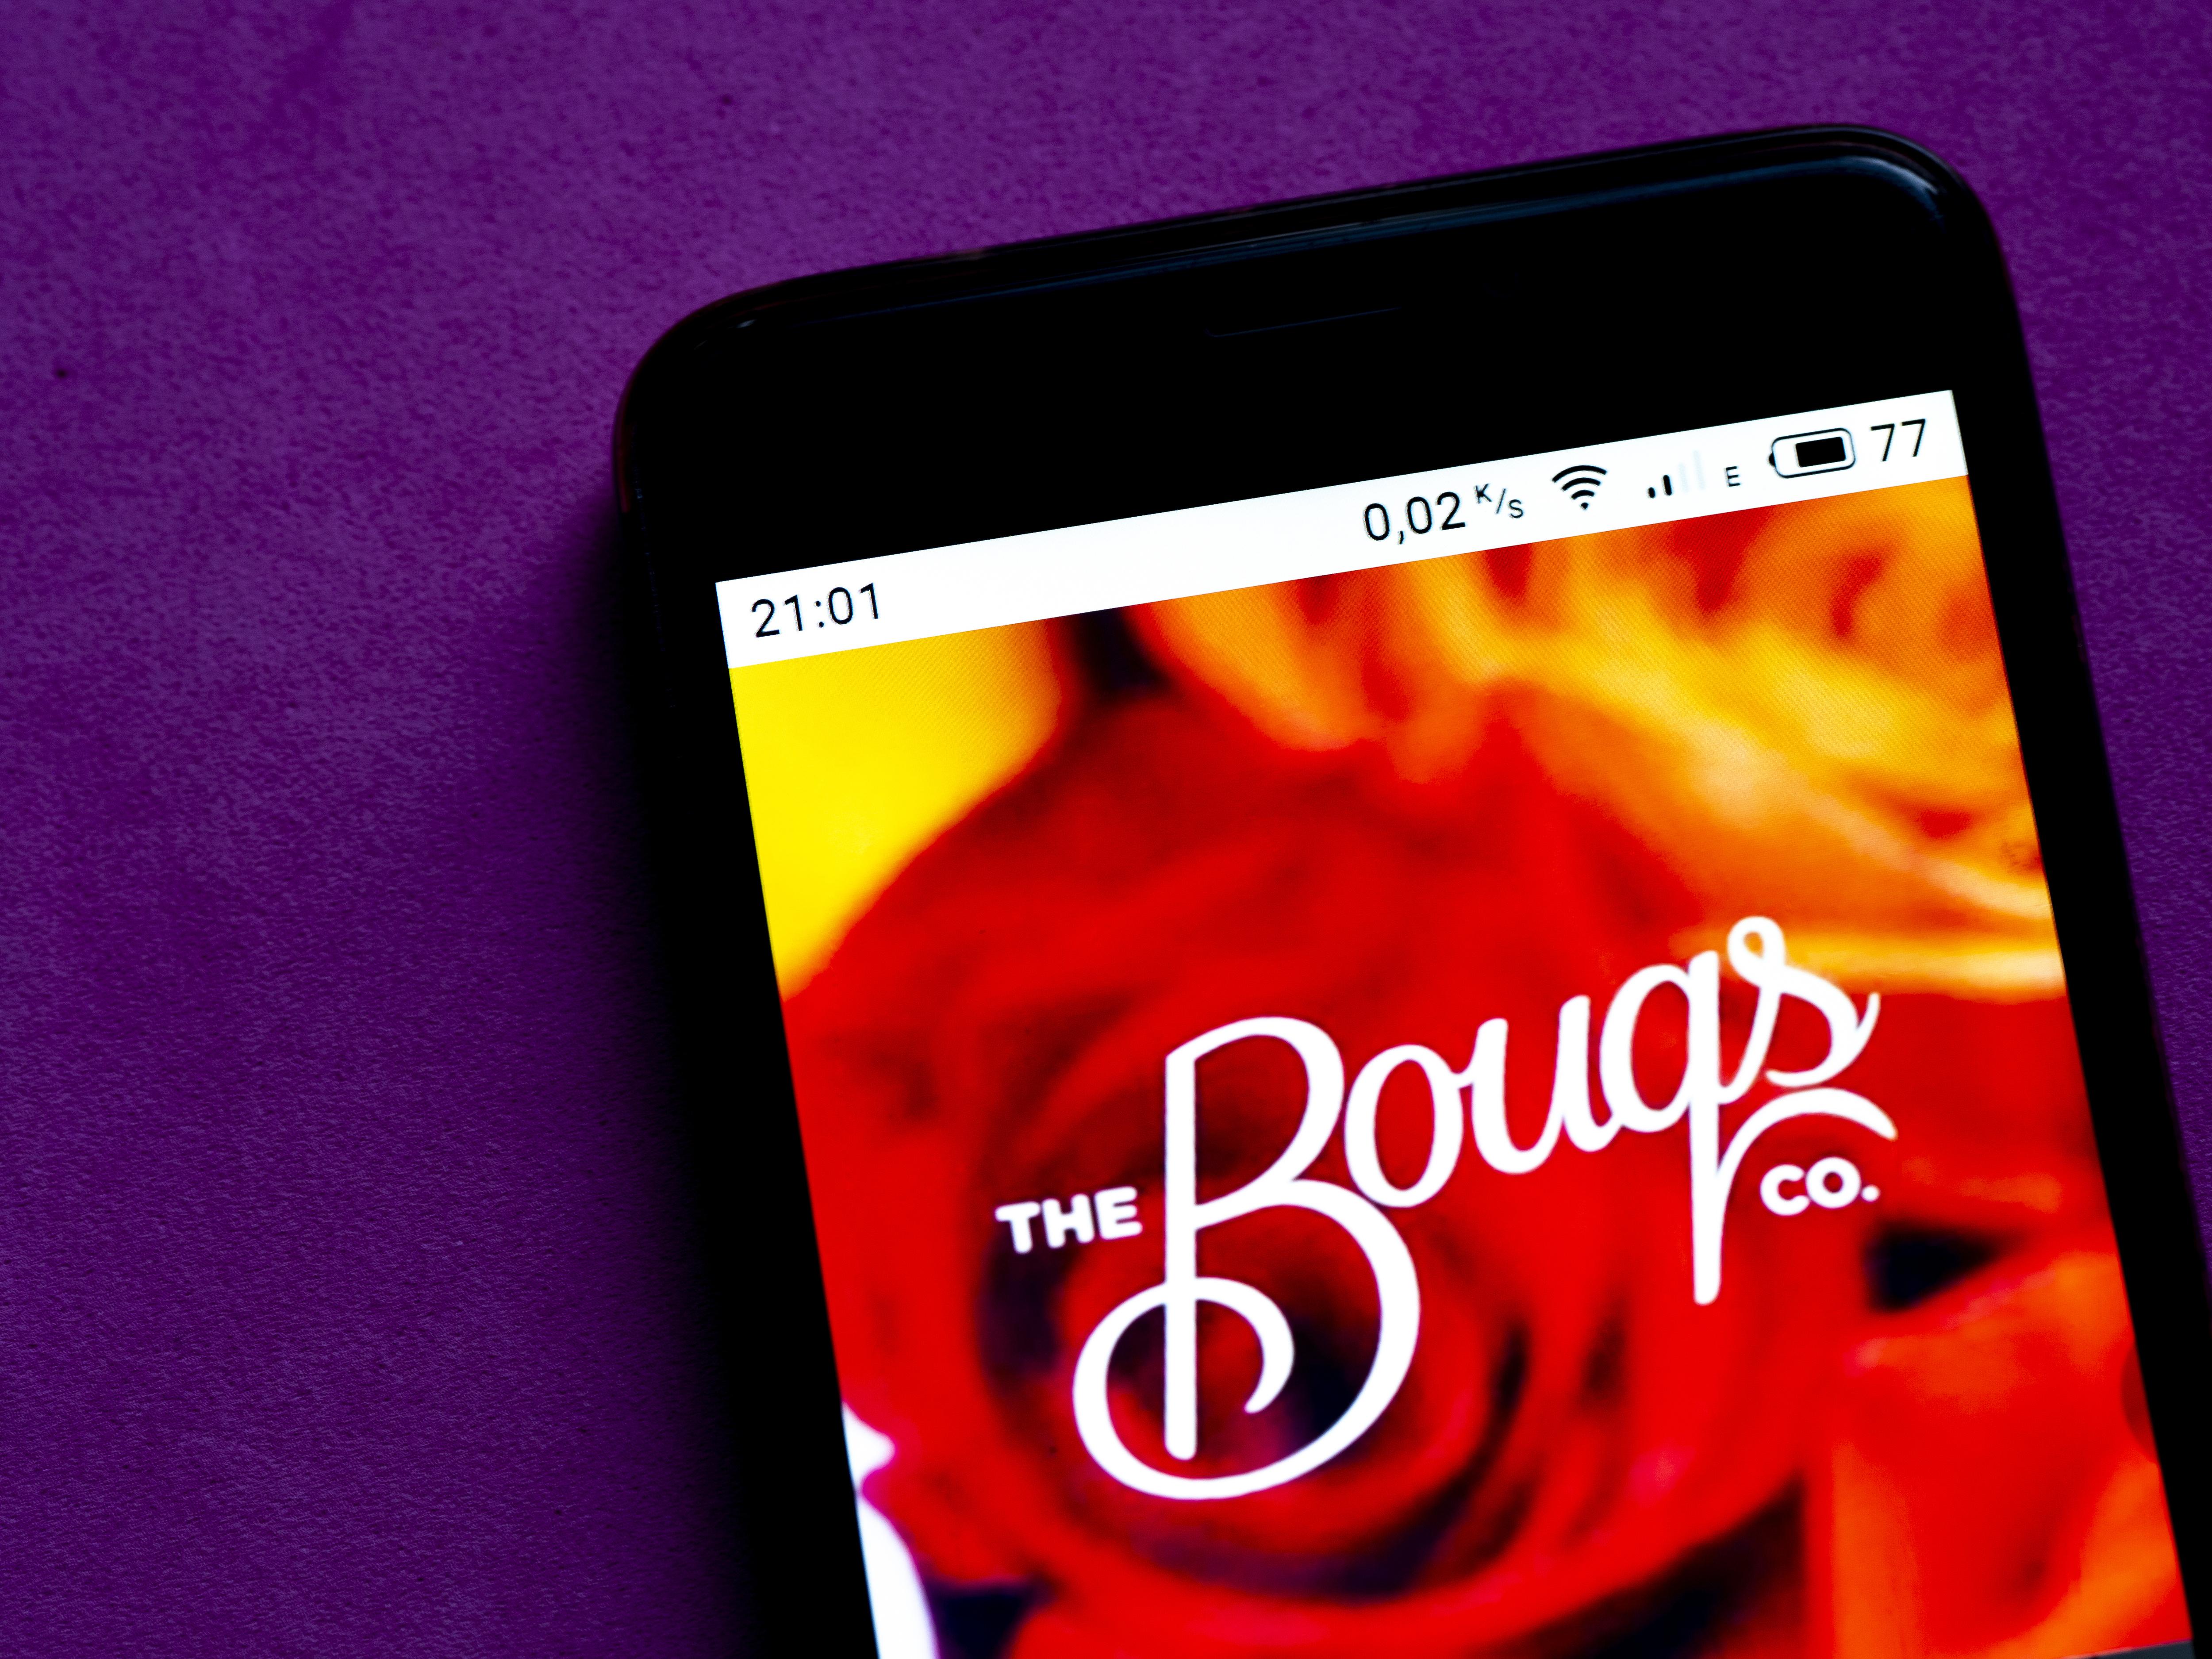 在这张照片的插图中,Bouqs的标志被显示出来。。。